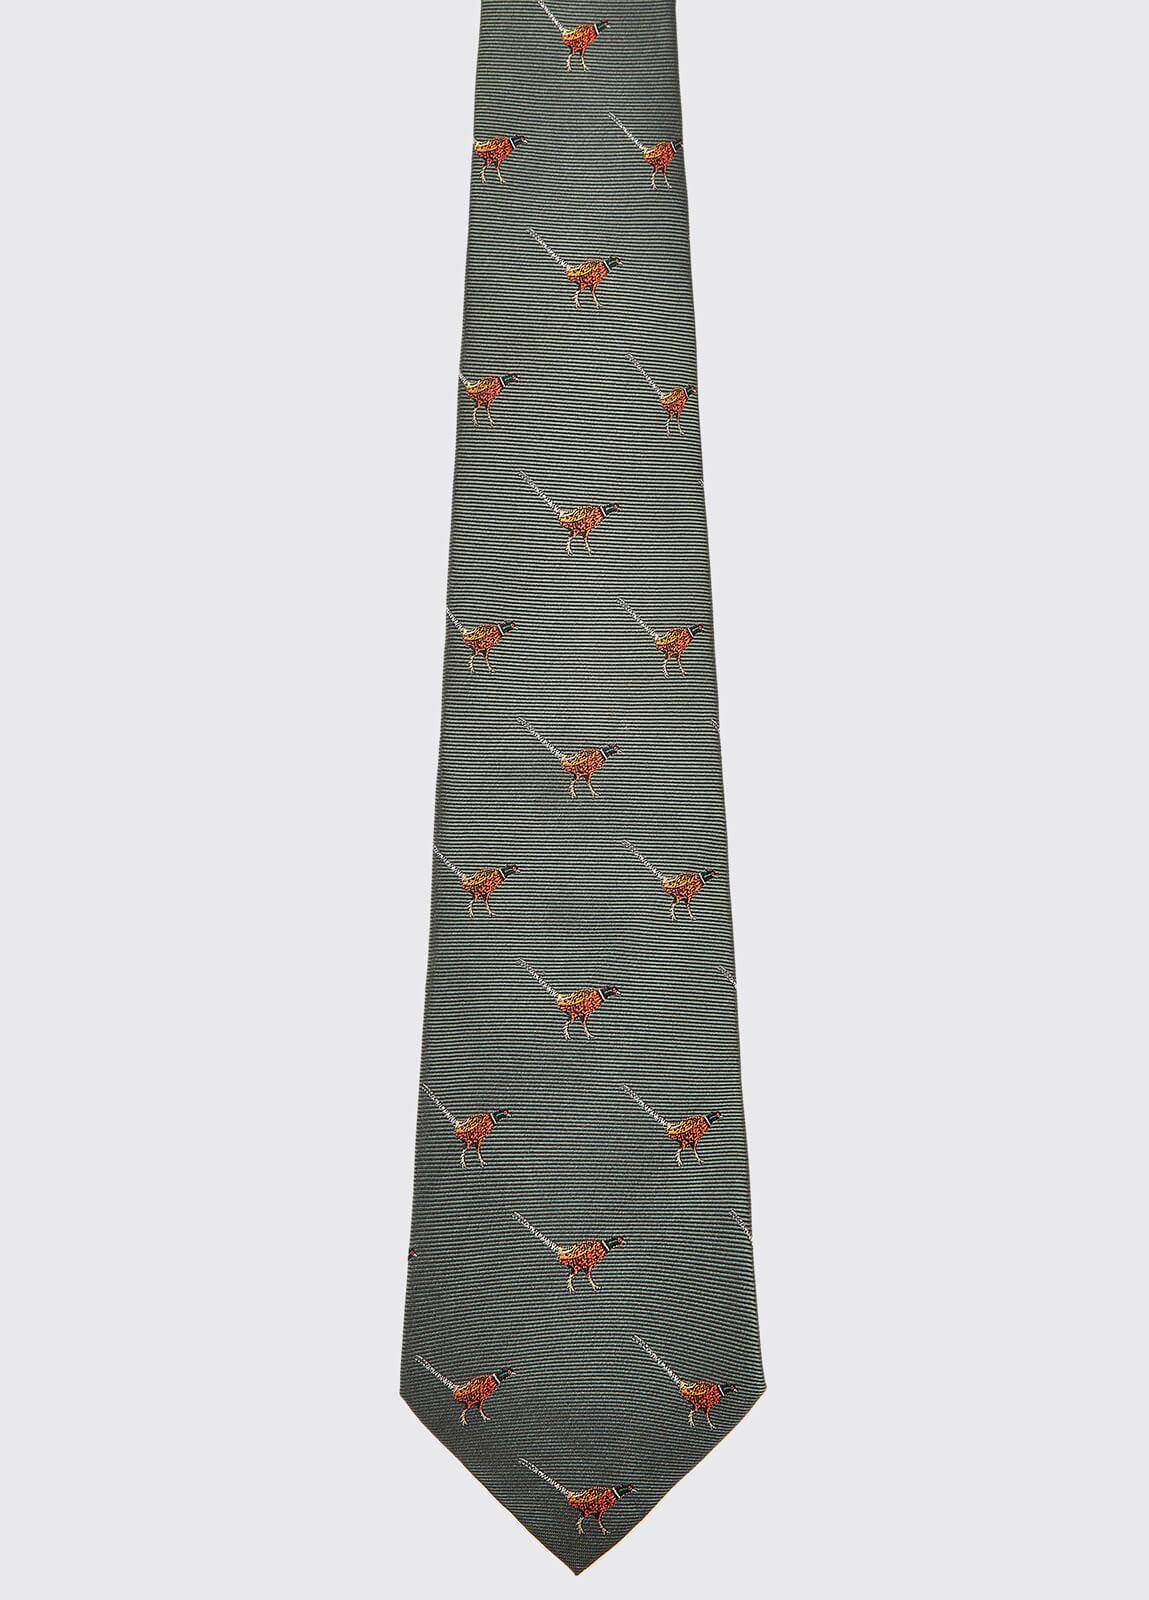 Madden Silk Tie - Olive